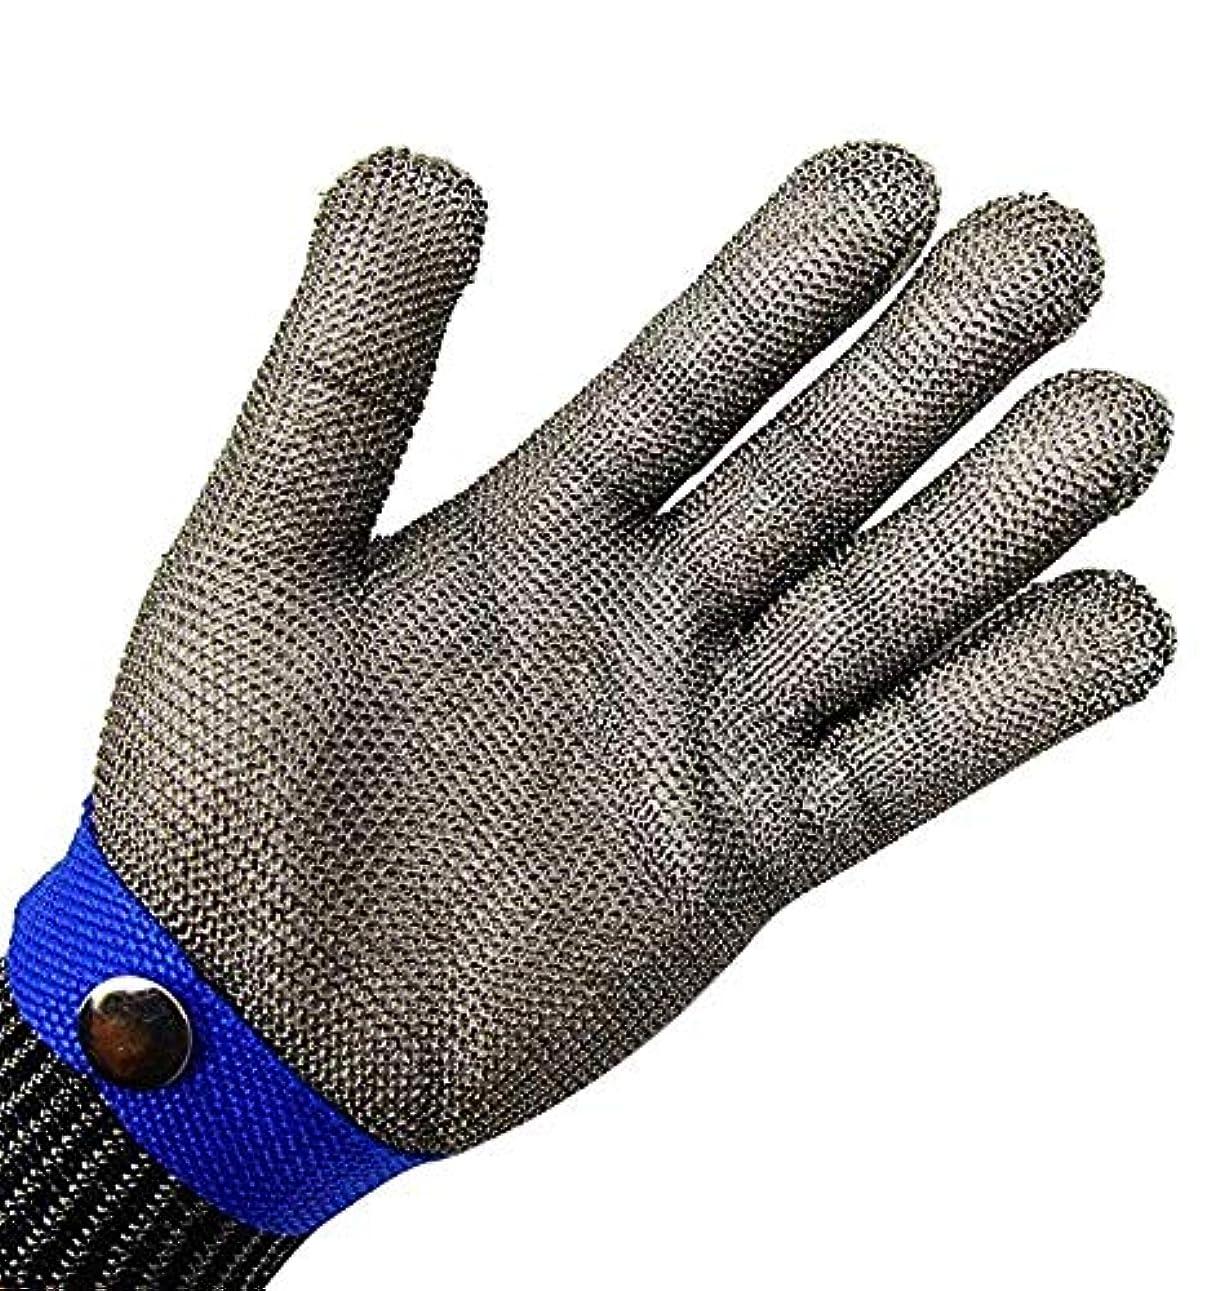 段落日常的に電極食肉加工、釣り用のカット耐性の手袋、ステンレス鋼線メタルメッシュブッチャー安全作業手袋,L